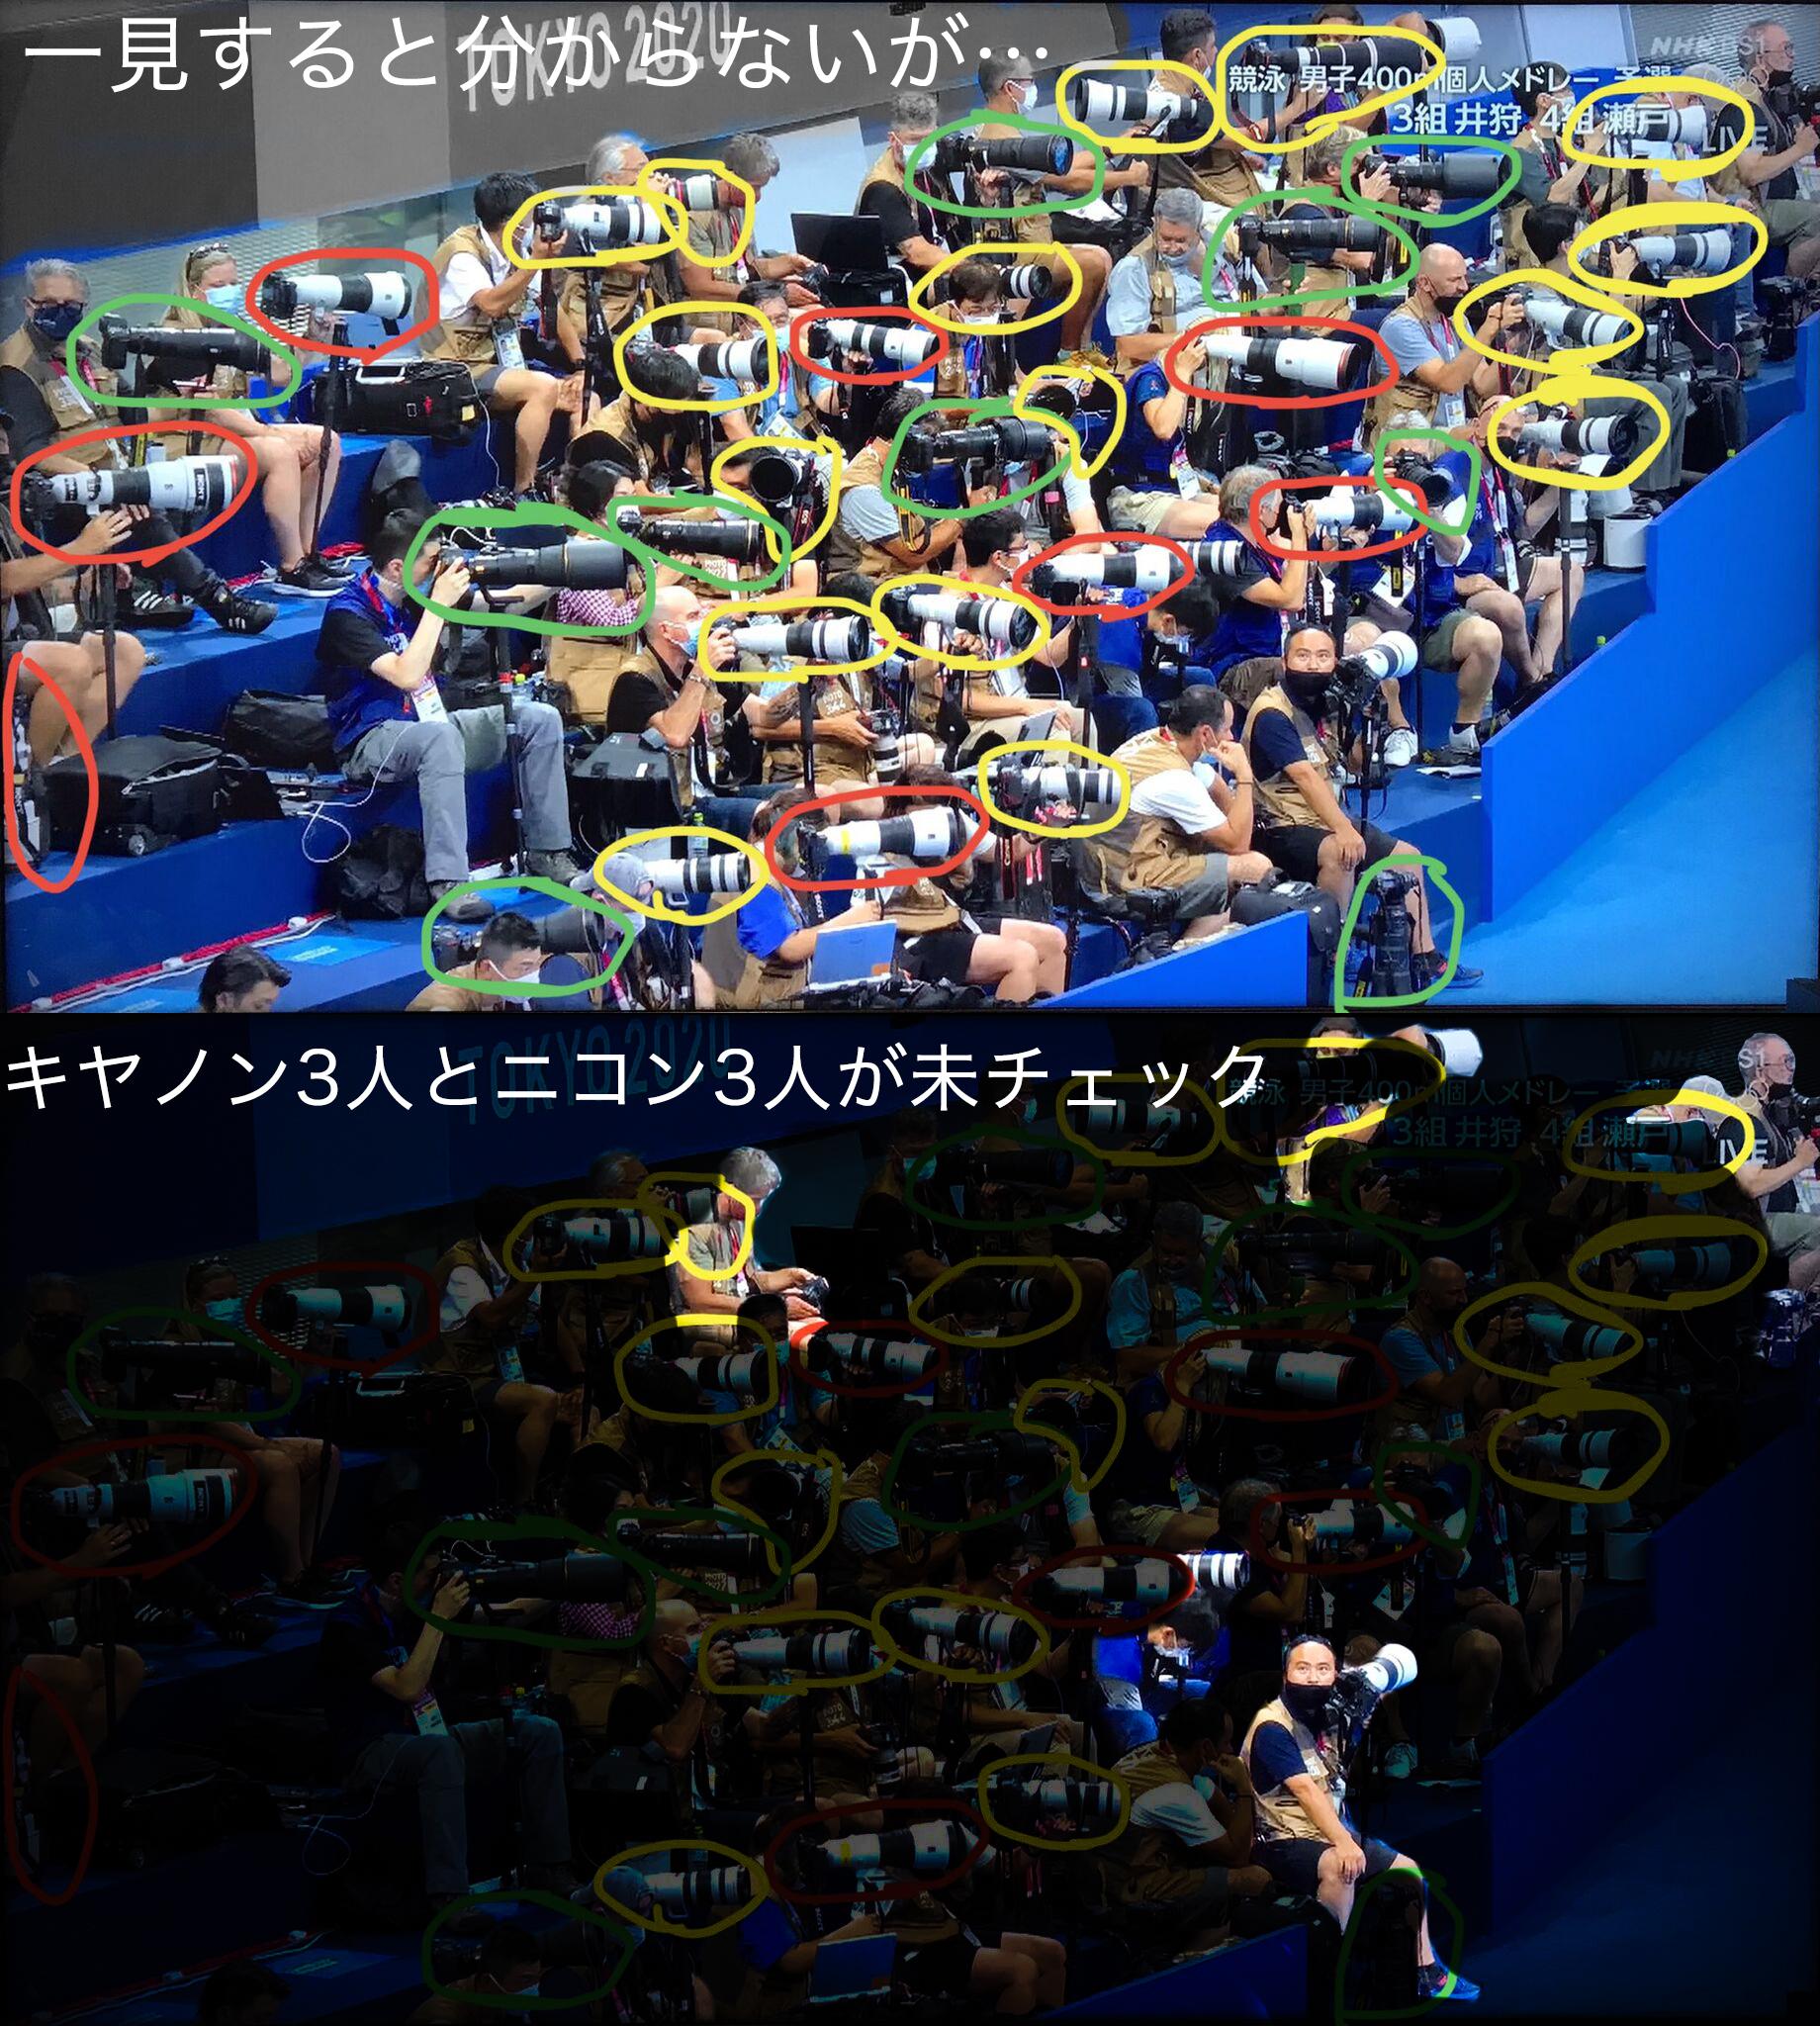 東京2020オリンピック カメラマン フェイク画像